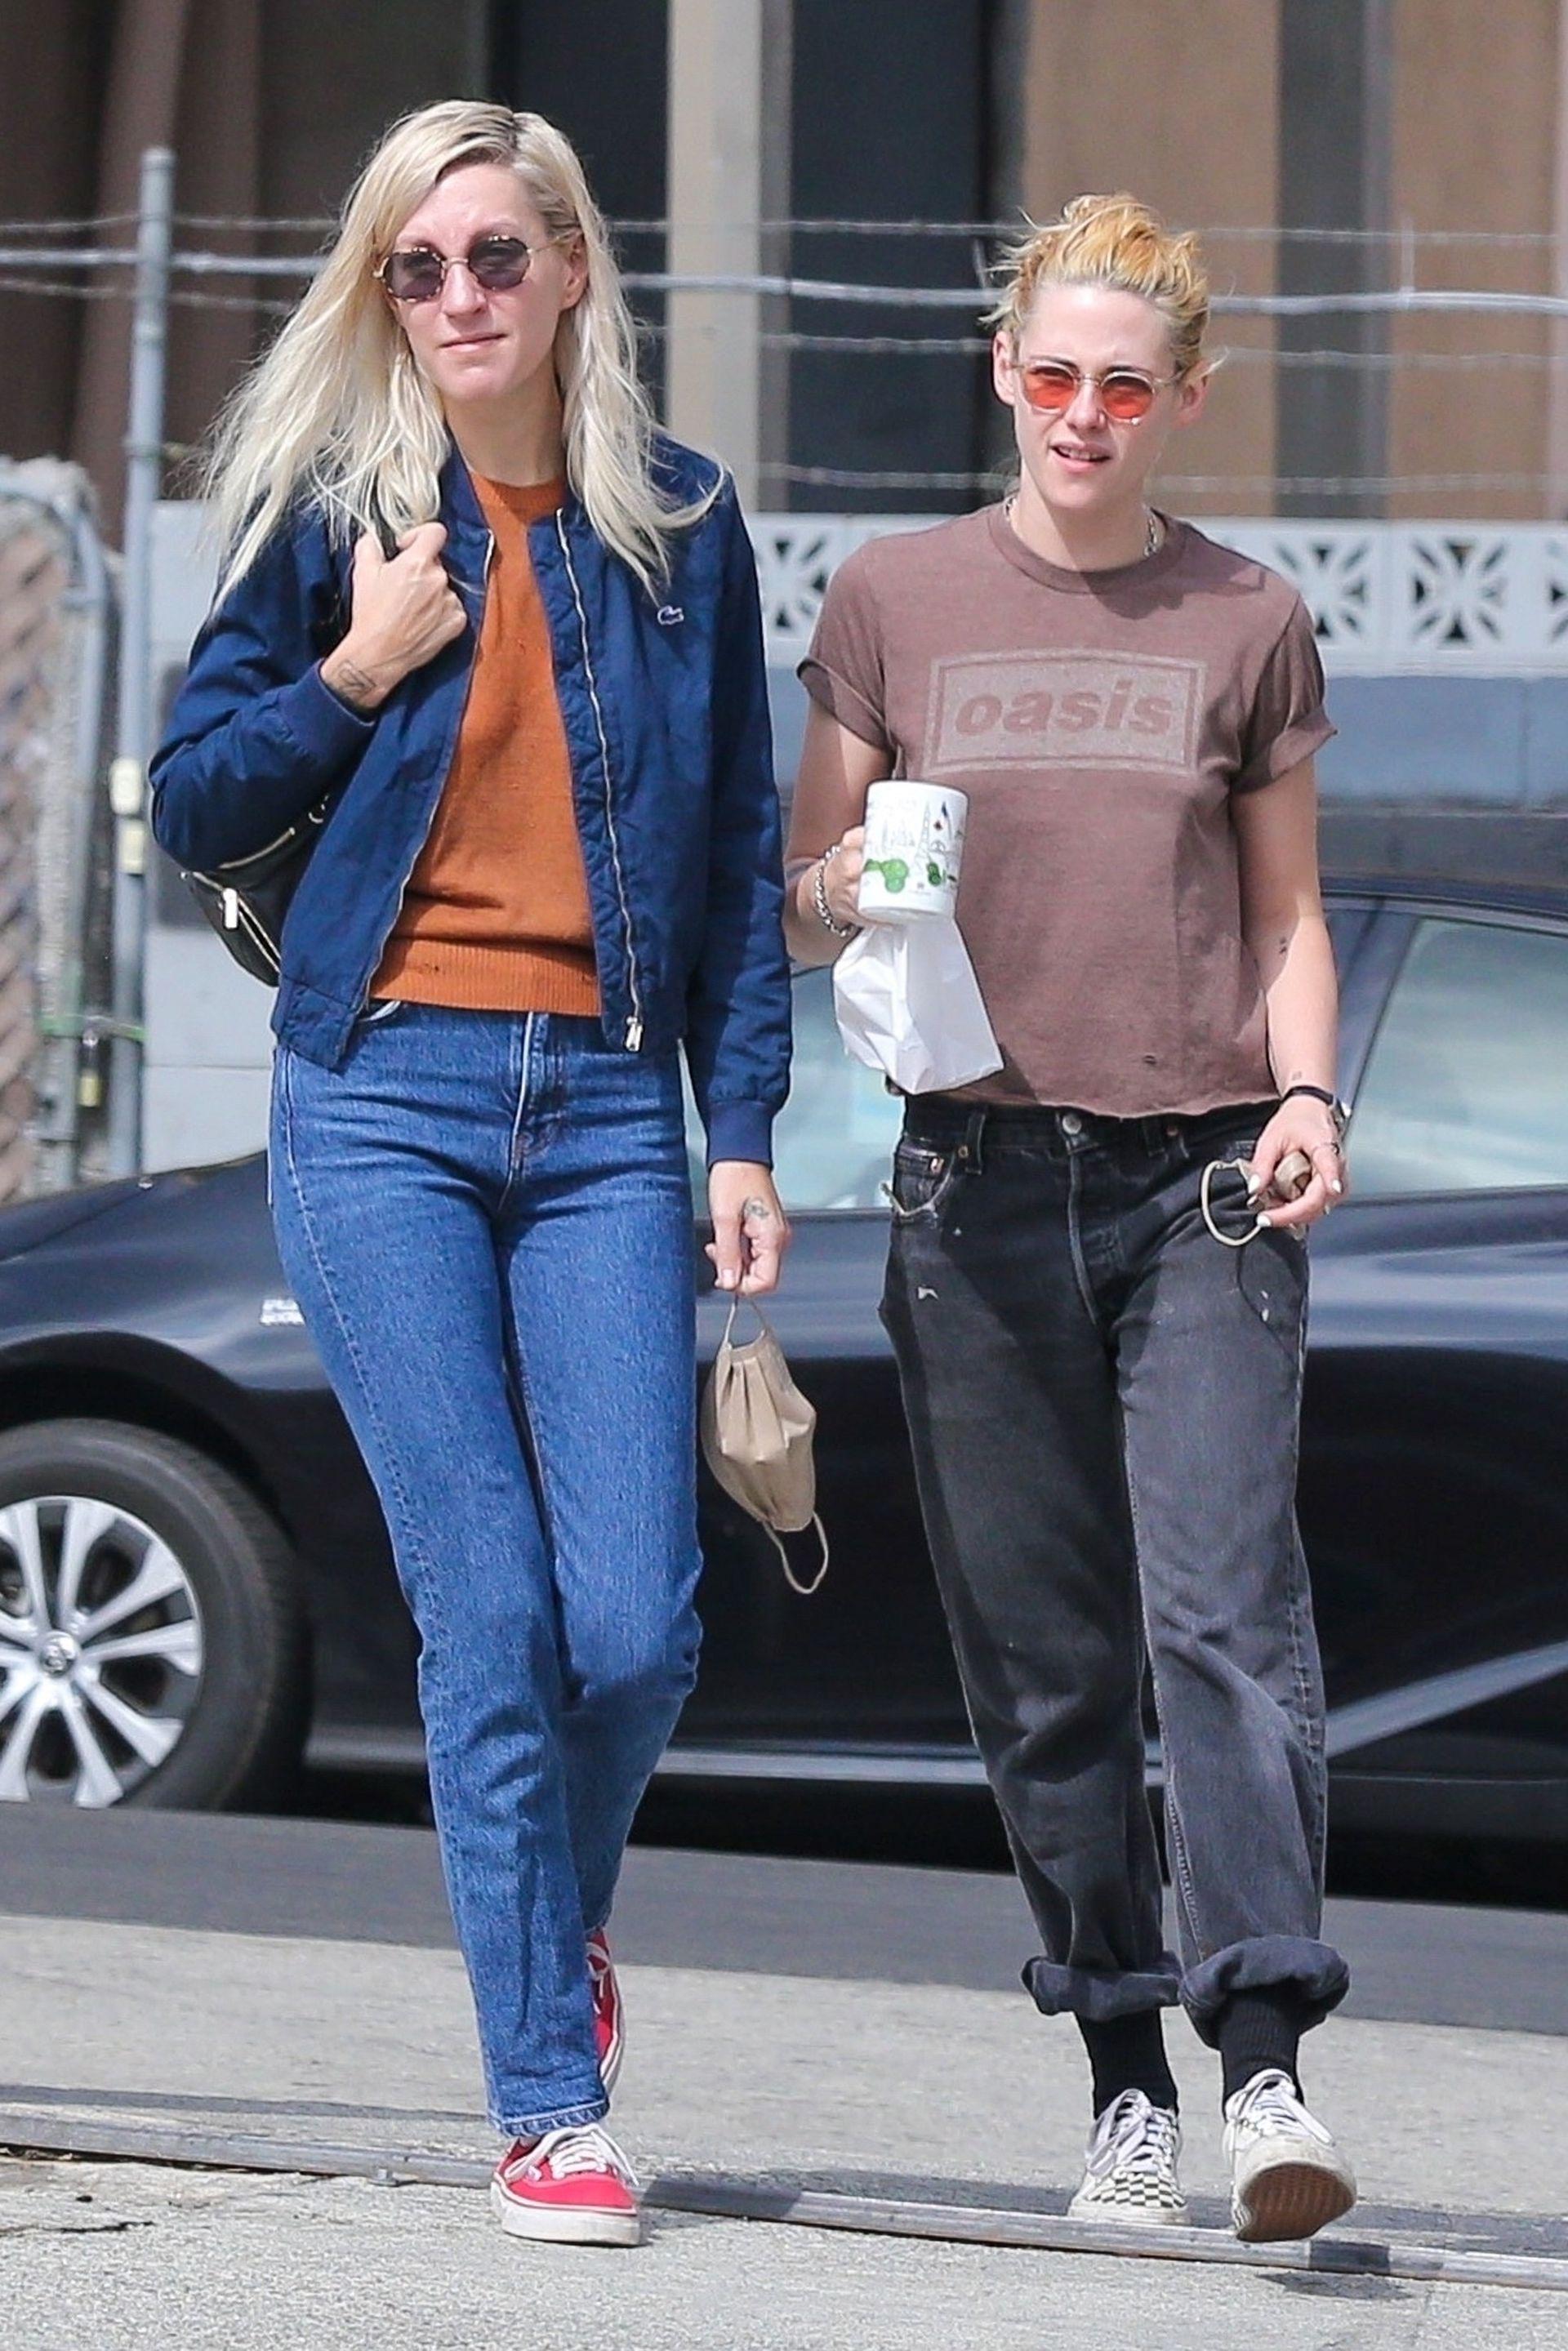 Enamoradas. Kristen Stewart, súper canchera, fue fotografiada en un paseo junto a su novia, Dylan Meyer